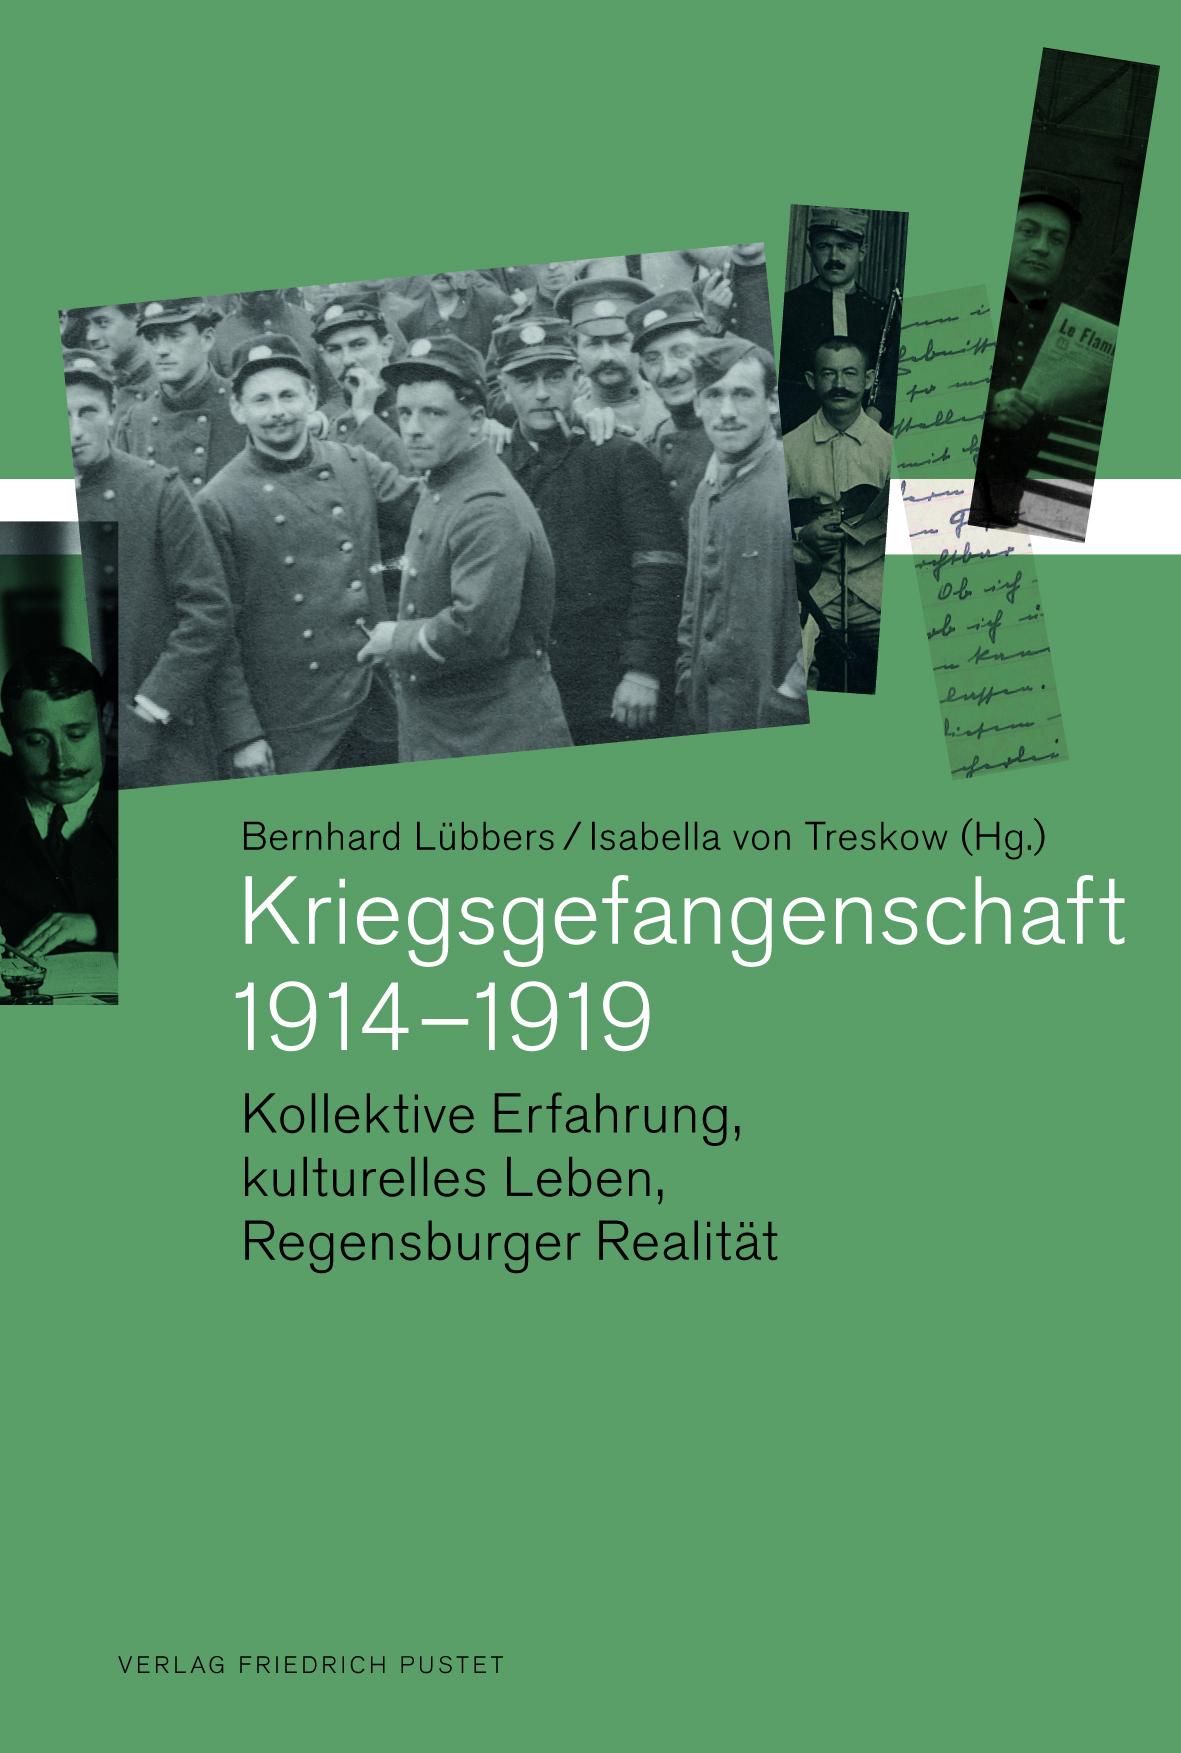 KgF Band2, Lübbers_Treskow, Kriegsgefangenschaft 1914-1919